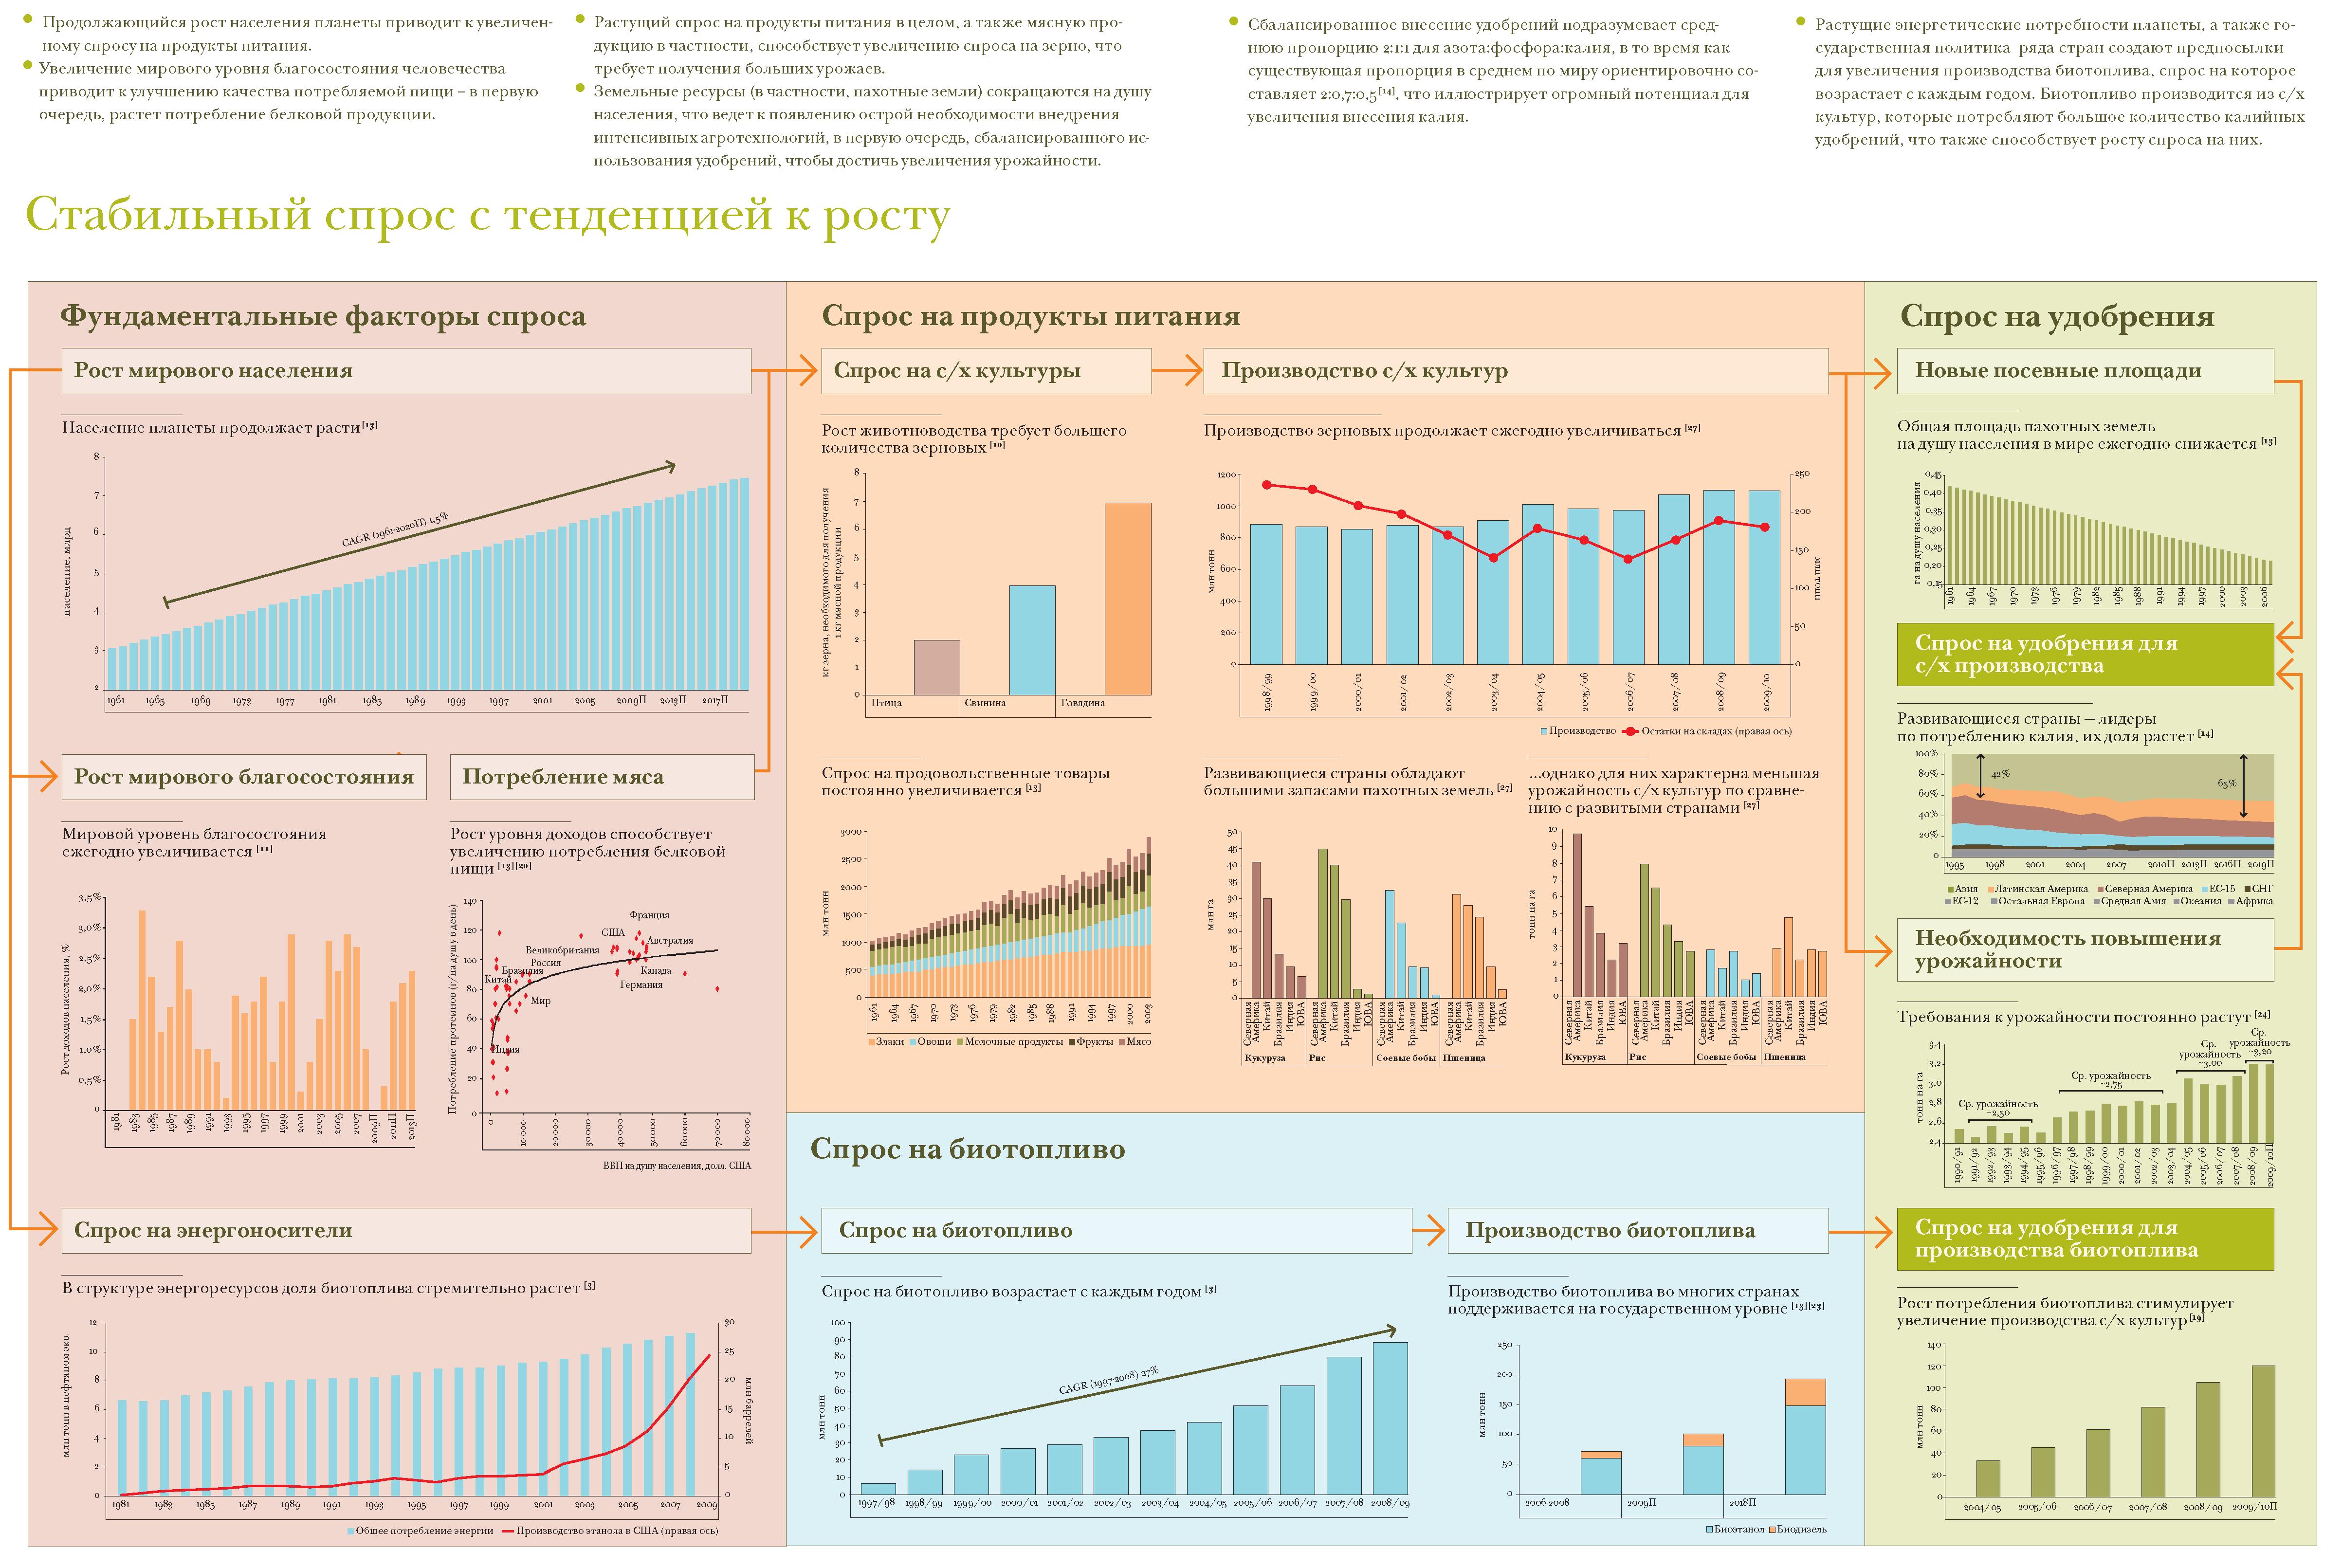 Уралкалий: годовой отчет 2009, финансы, сельское хозяйство ...